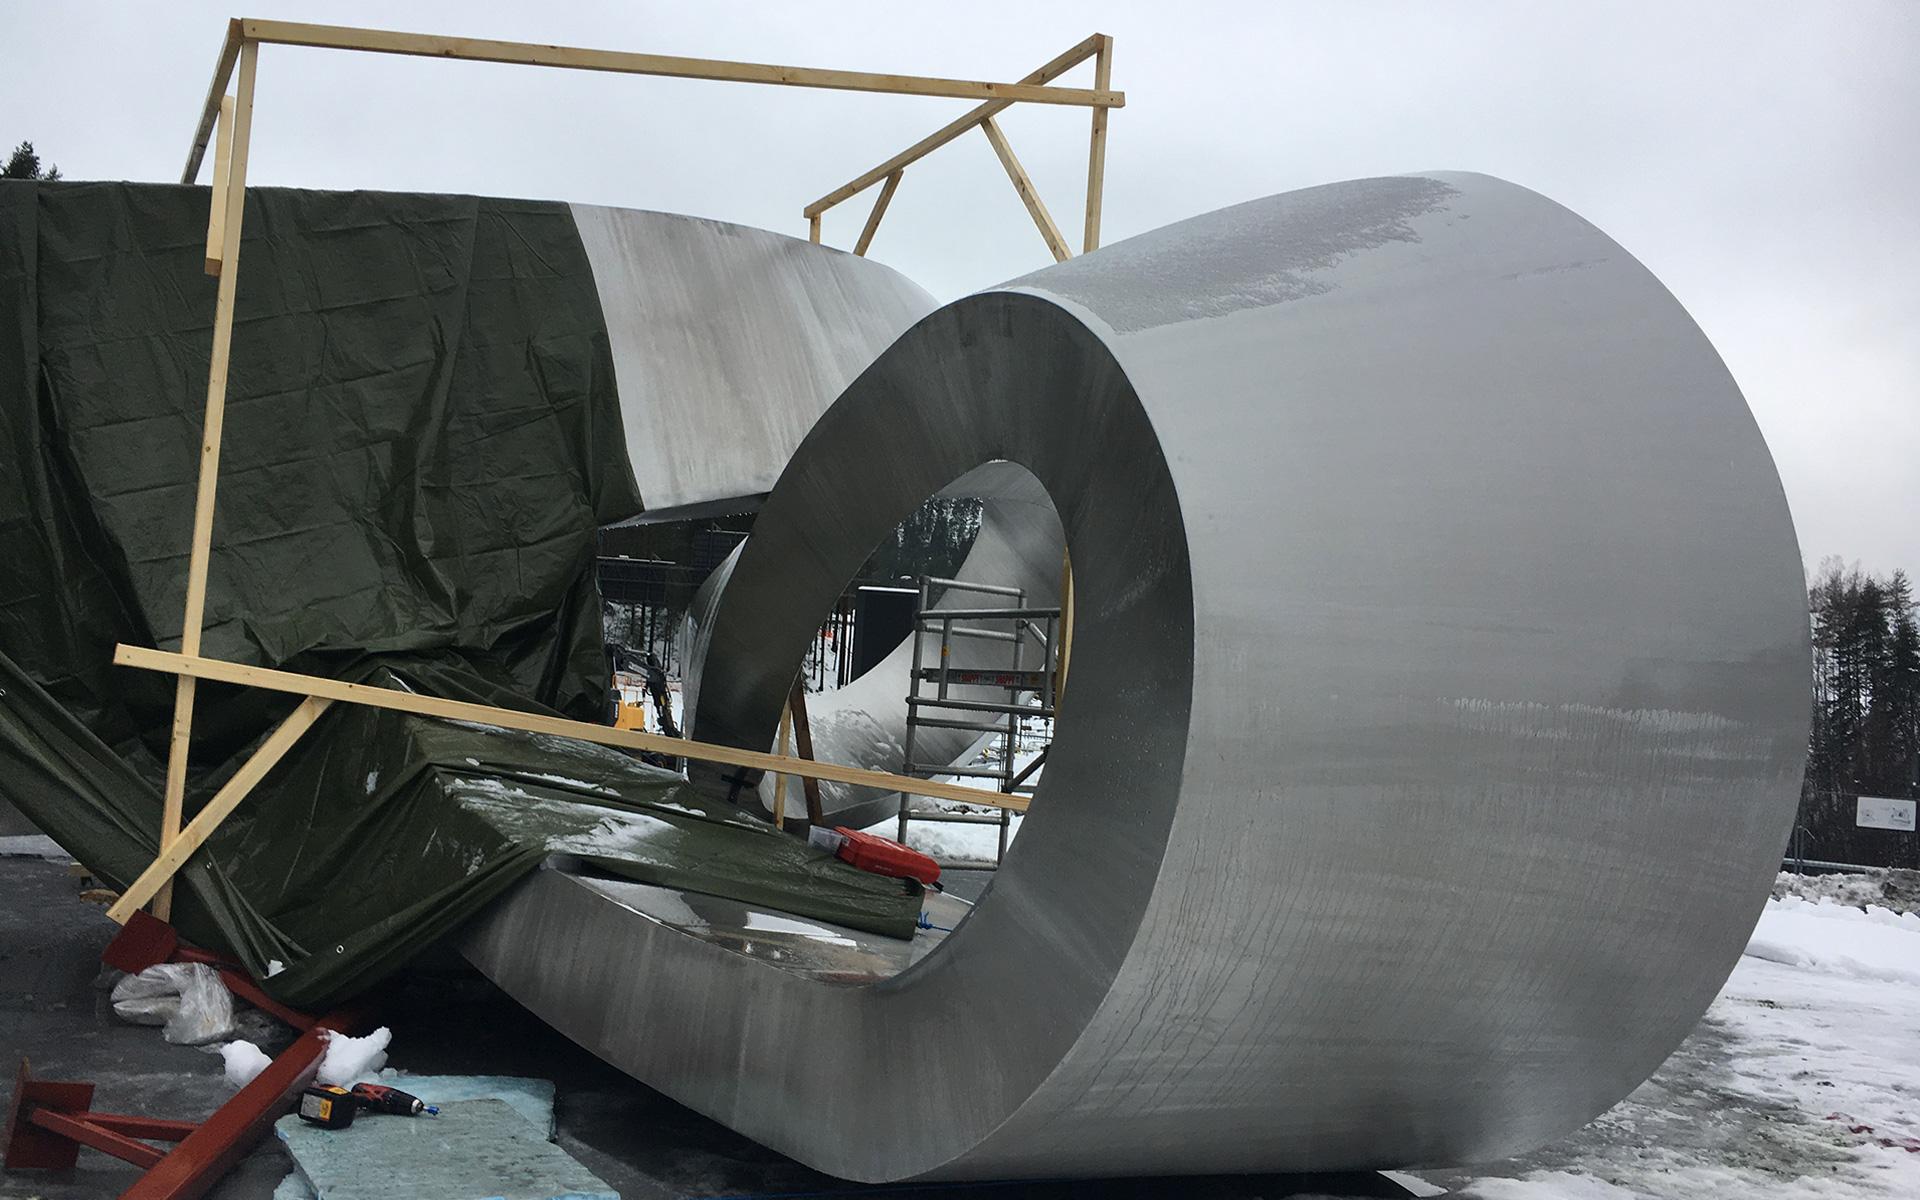 Liggende Møbius, montering / Flat Moebius, installation